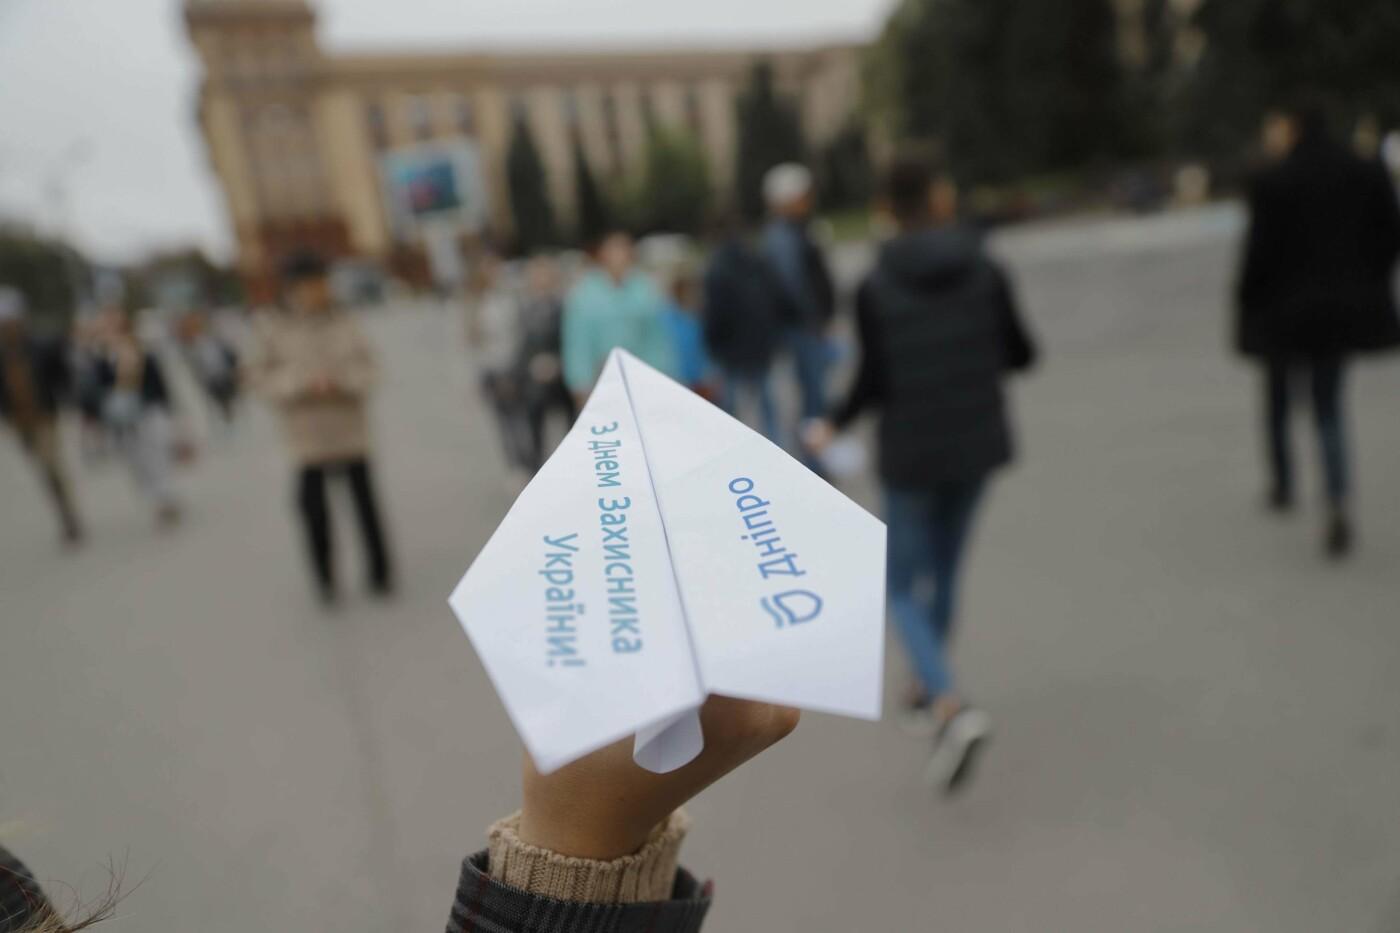 В Днепре ко Дню защитника Украины раздавали бумажные самолетики, фото-4